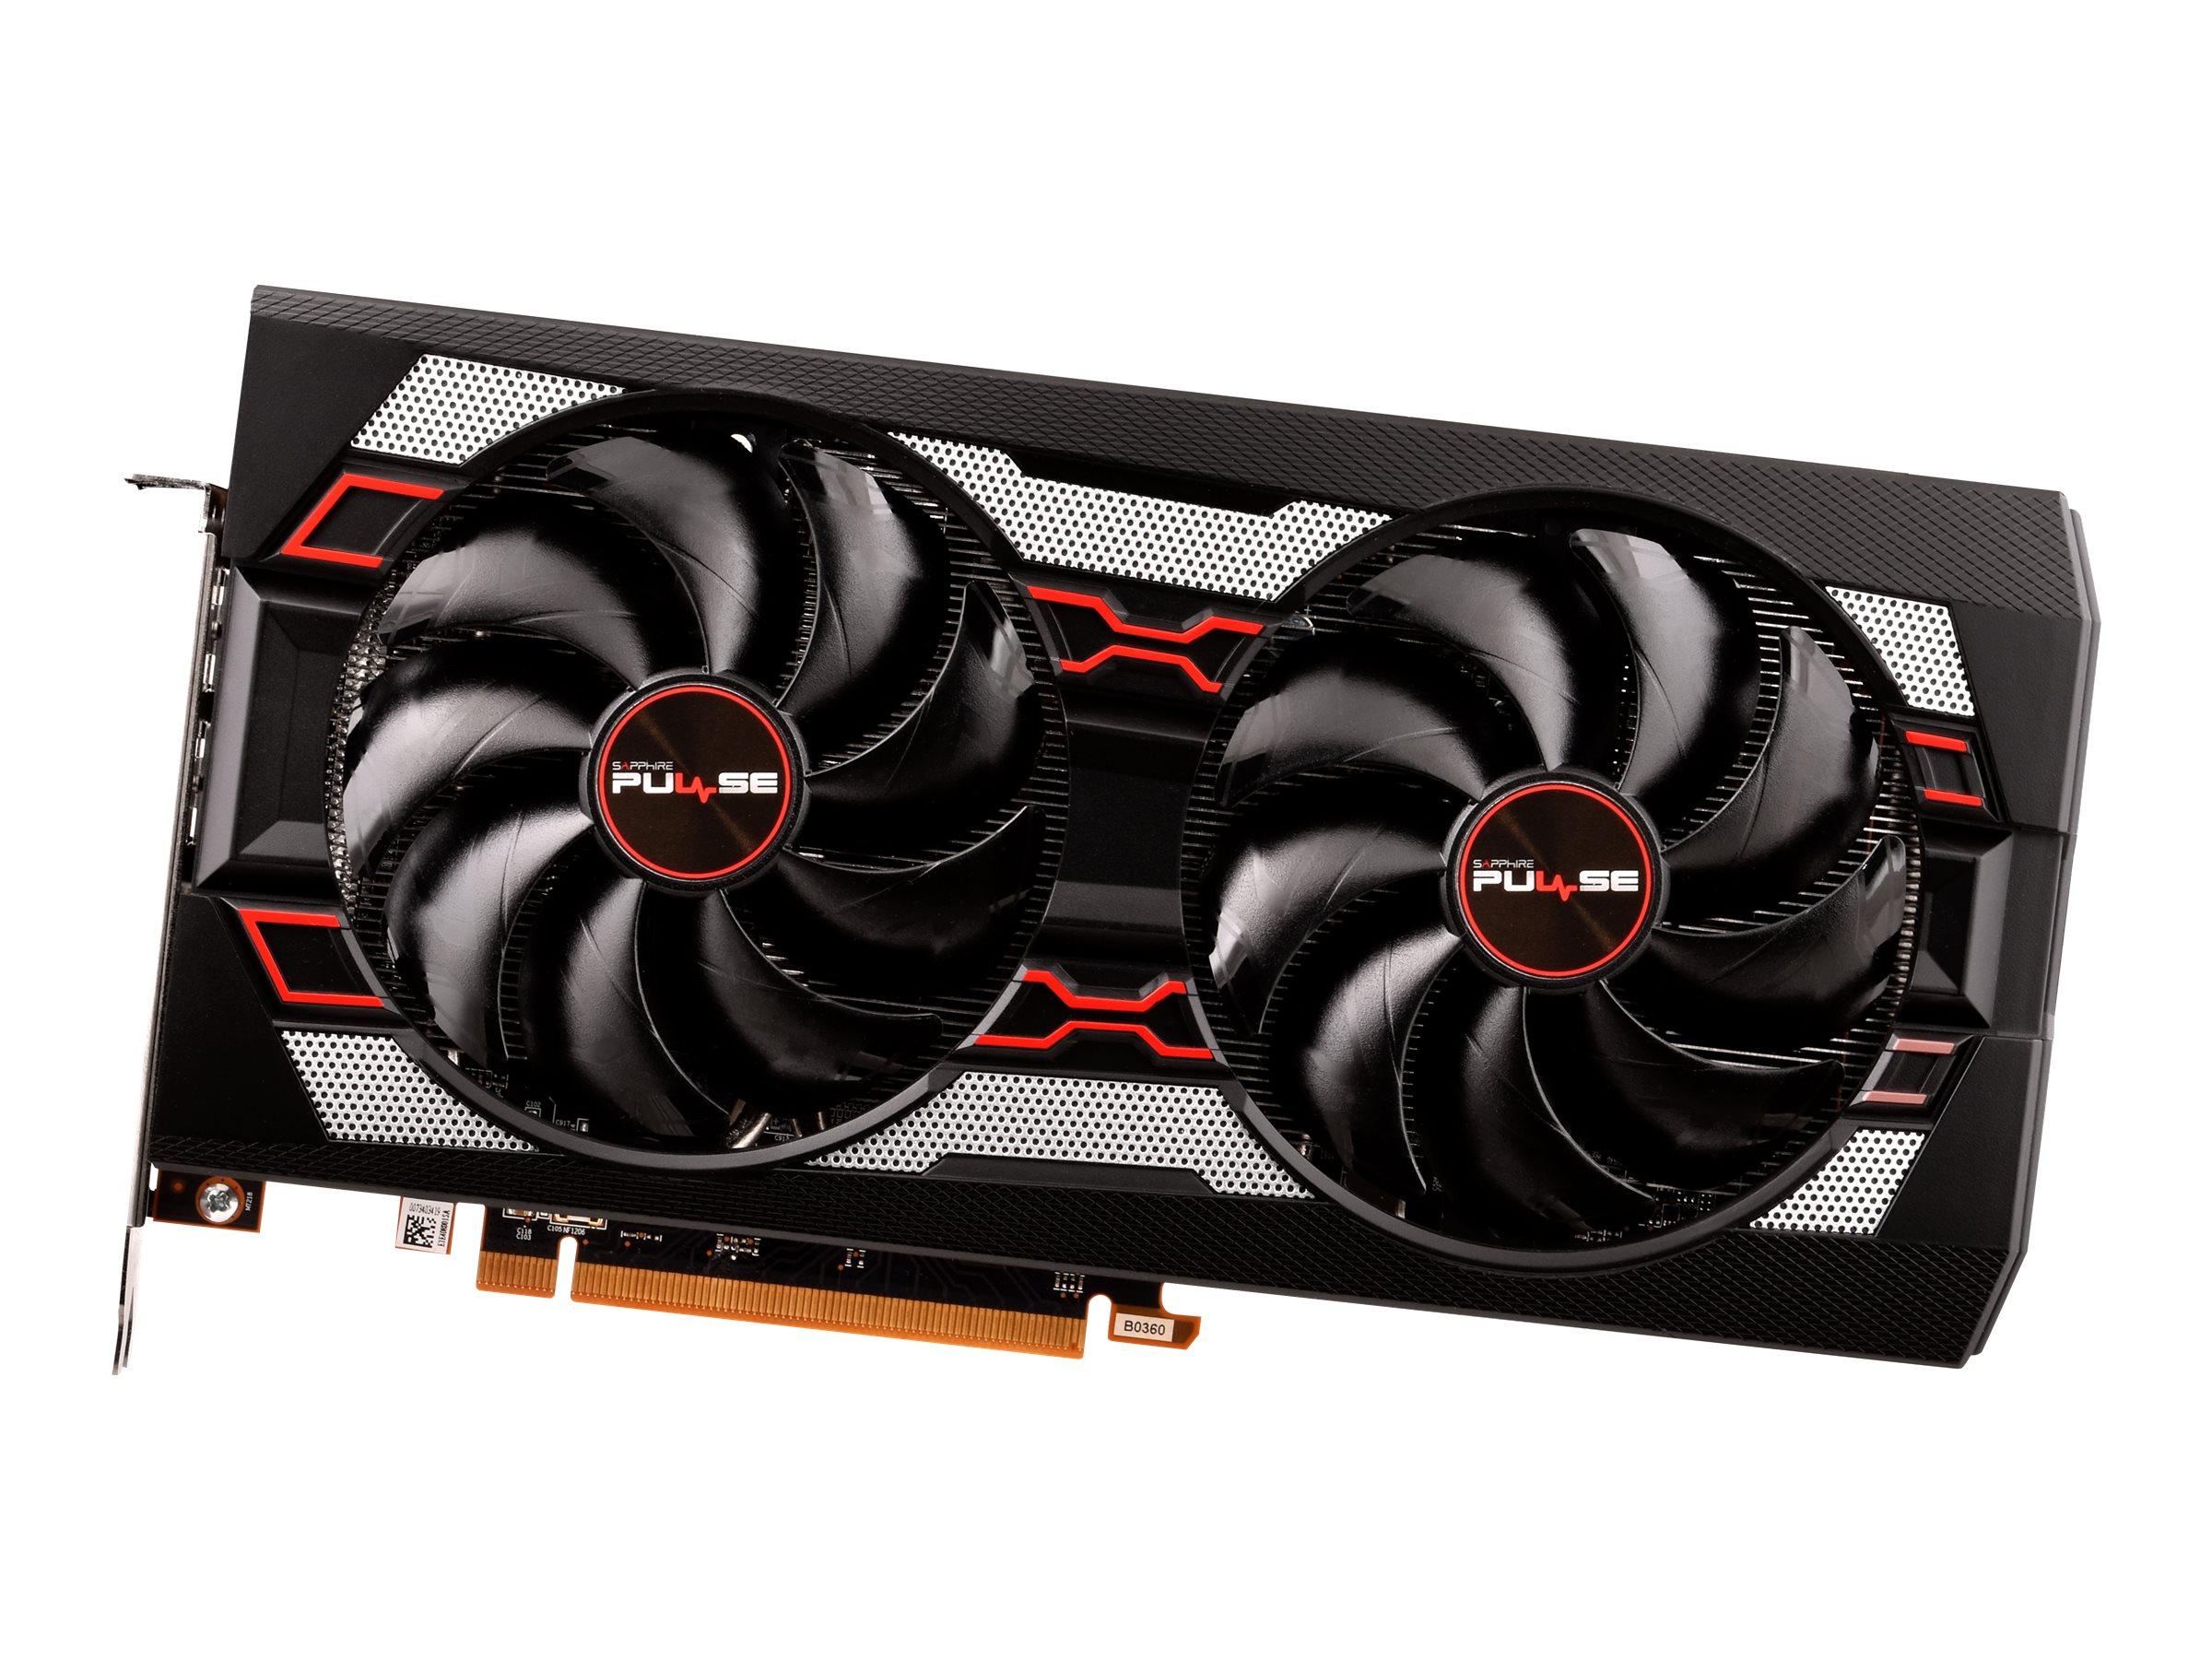 Sapphire Pulse Radeon RX 5700XT - Grafikkarten - Radeon RX 5700 XT - 8 GB GDDR6 - PCIe 4.0 x16 - HDMI, 3 x DisplayPort